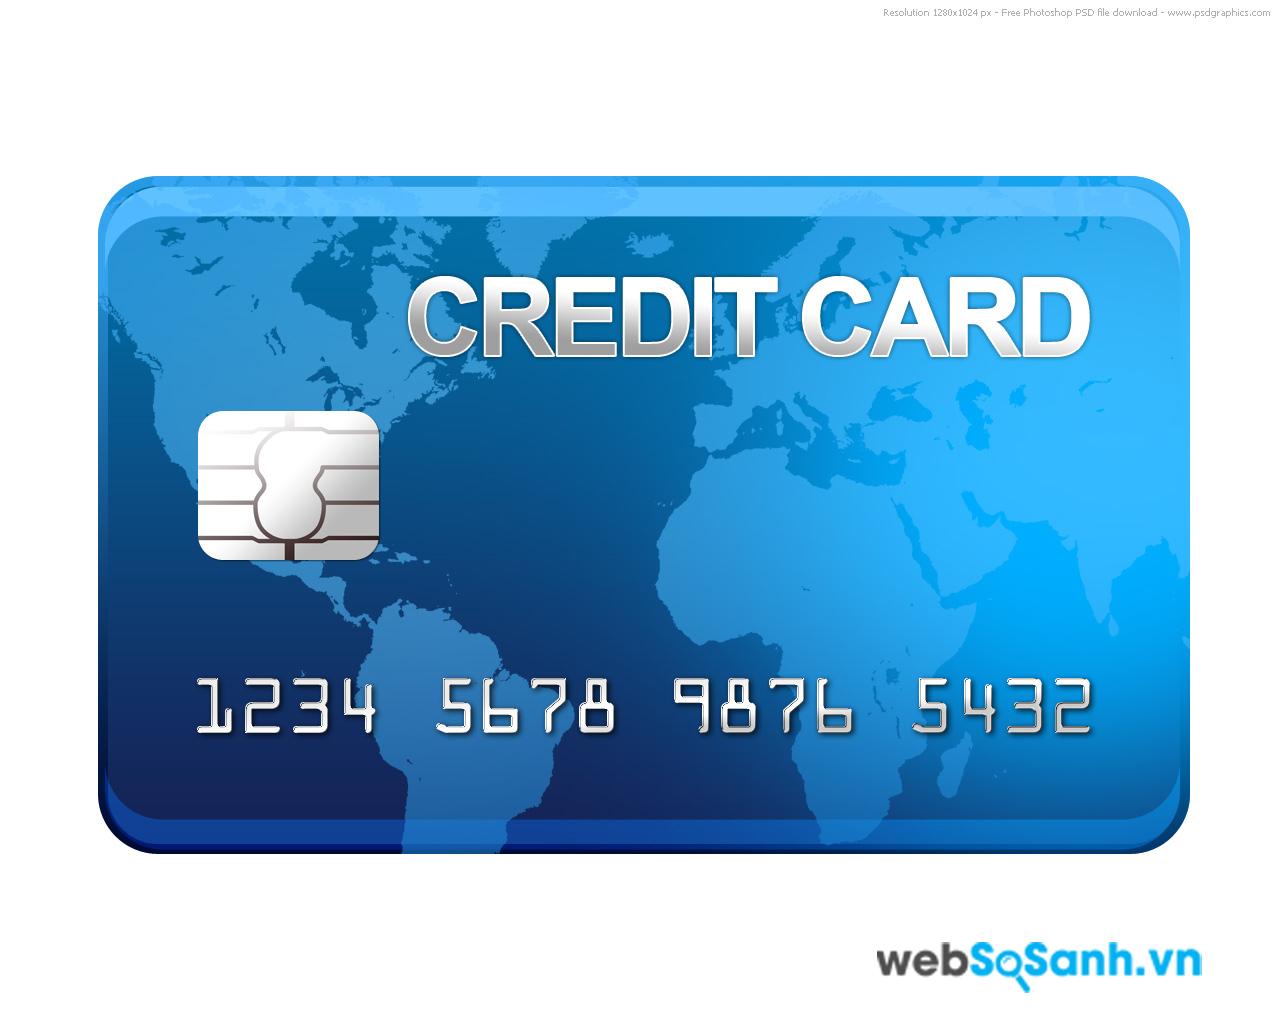 Thẻ tín dụng là hình thức sử dụng trước trả tiền sau